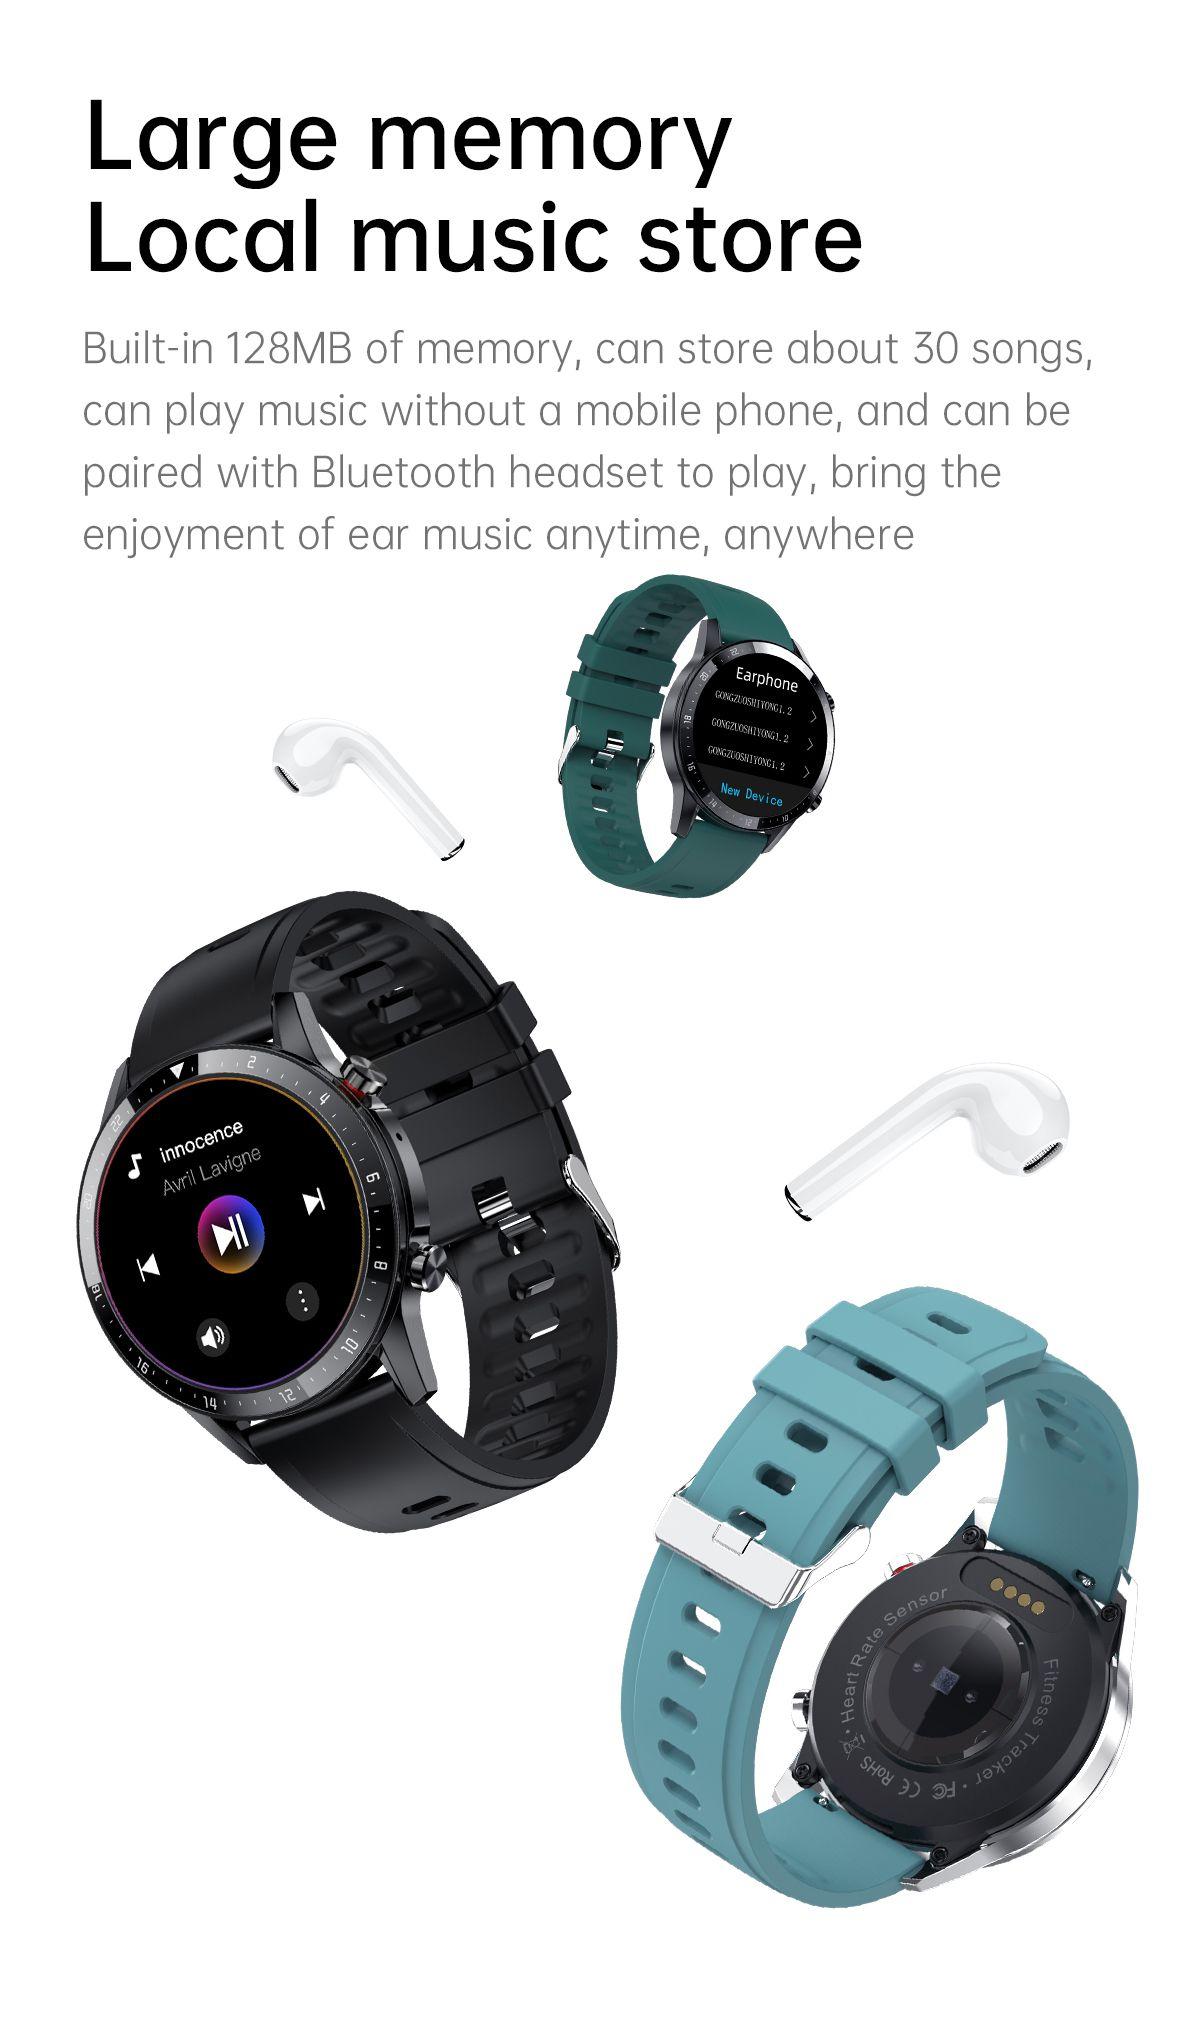 9b06175859455d7fe65248bfe06fa86d Smart Watch Pnp